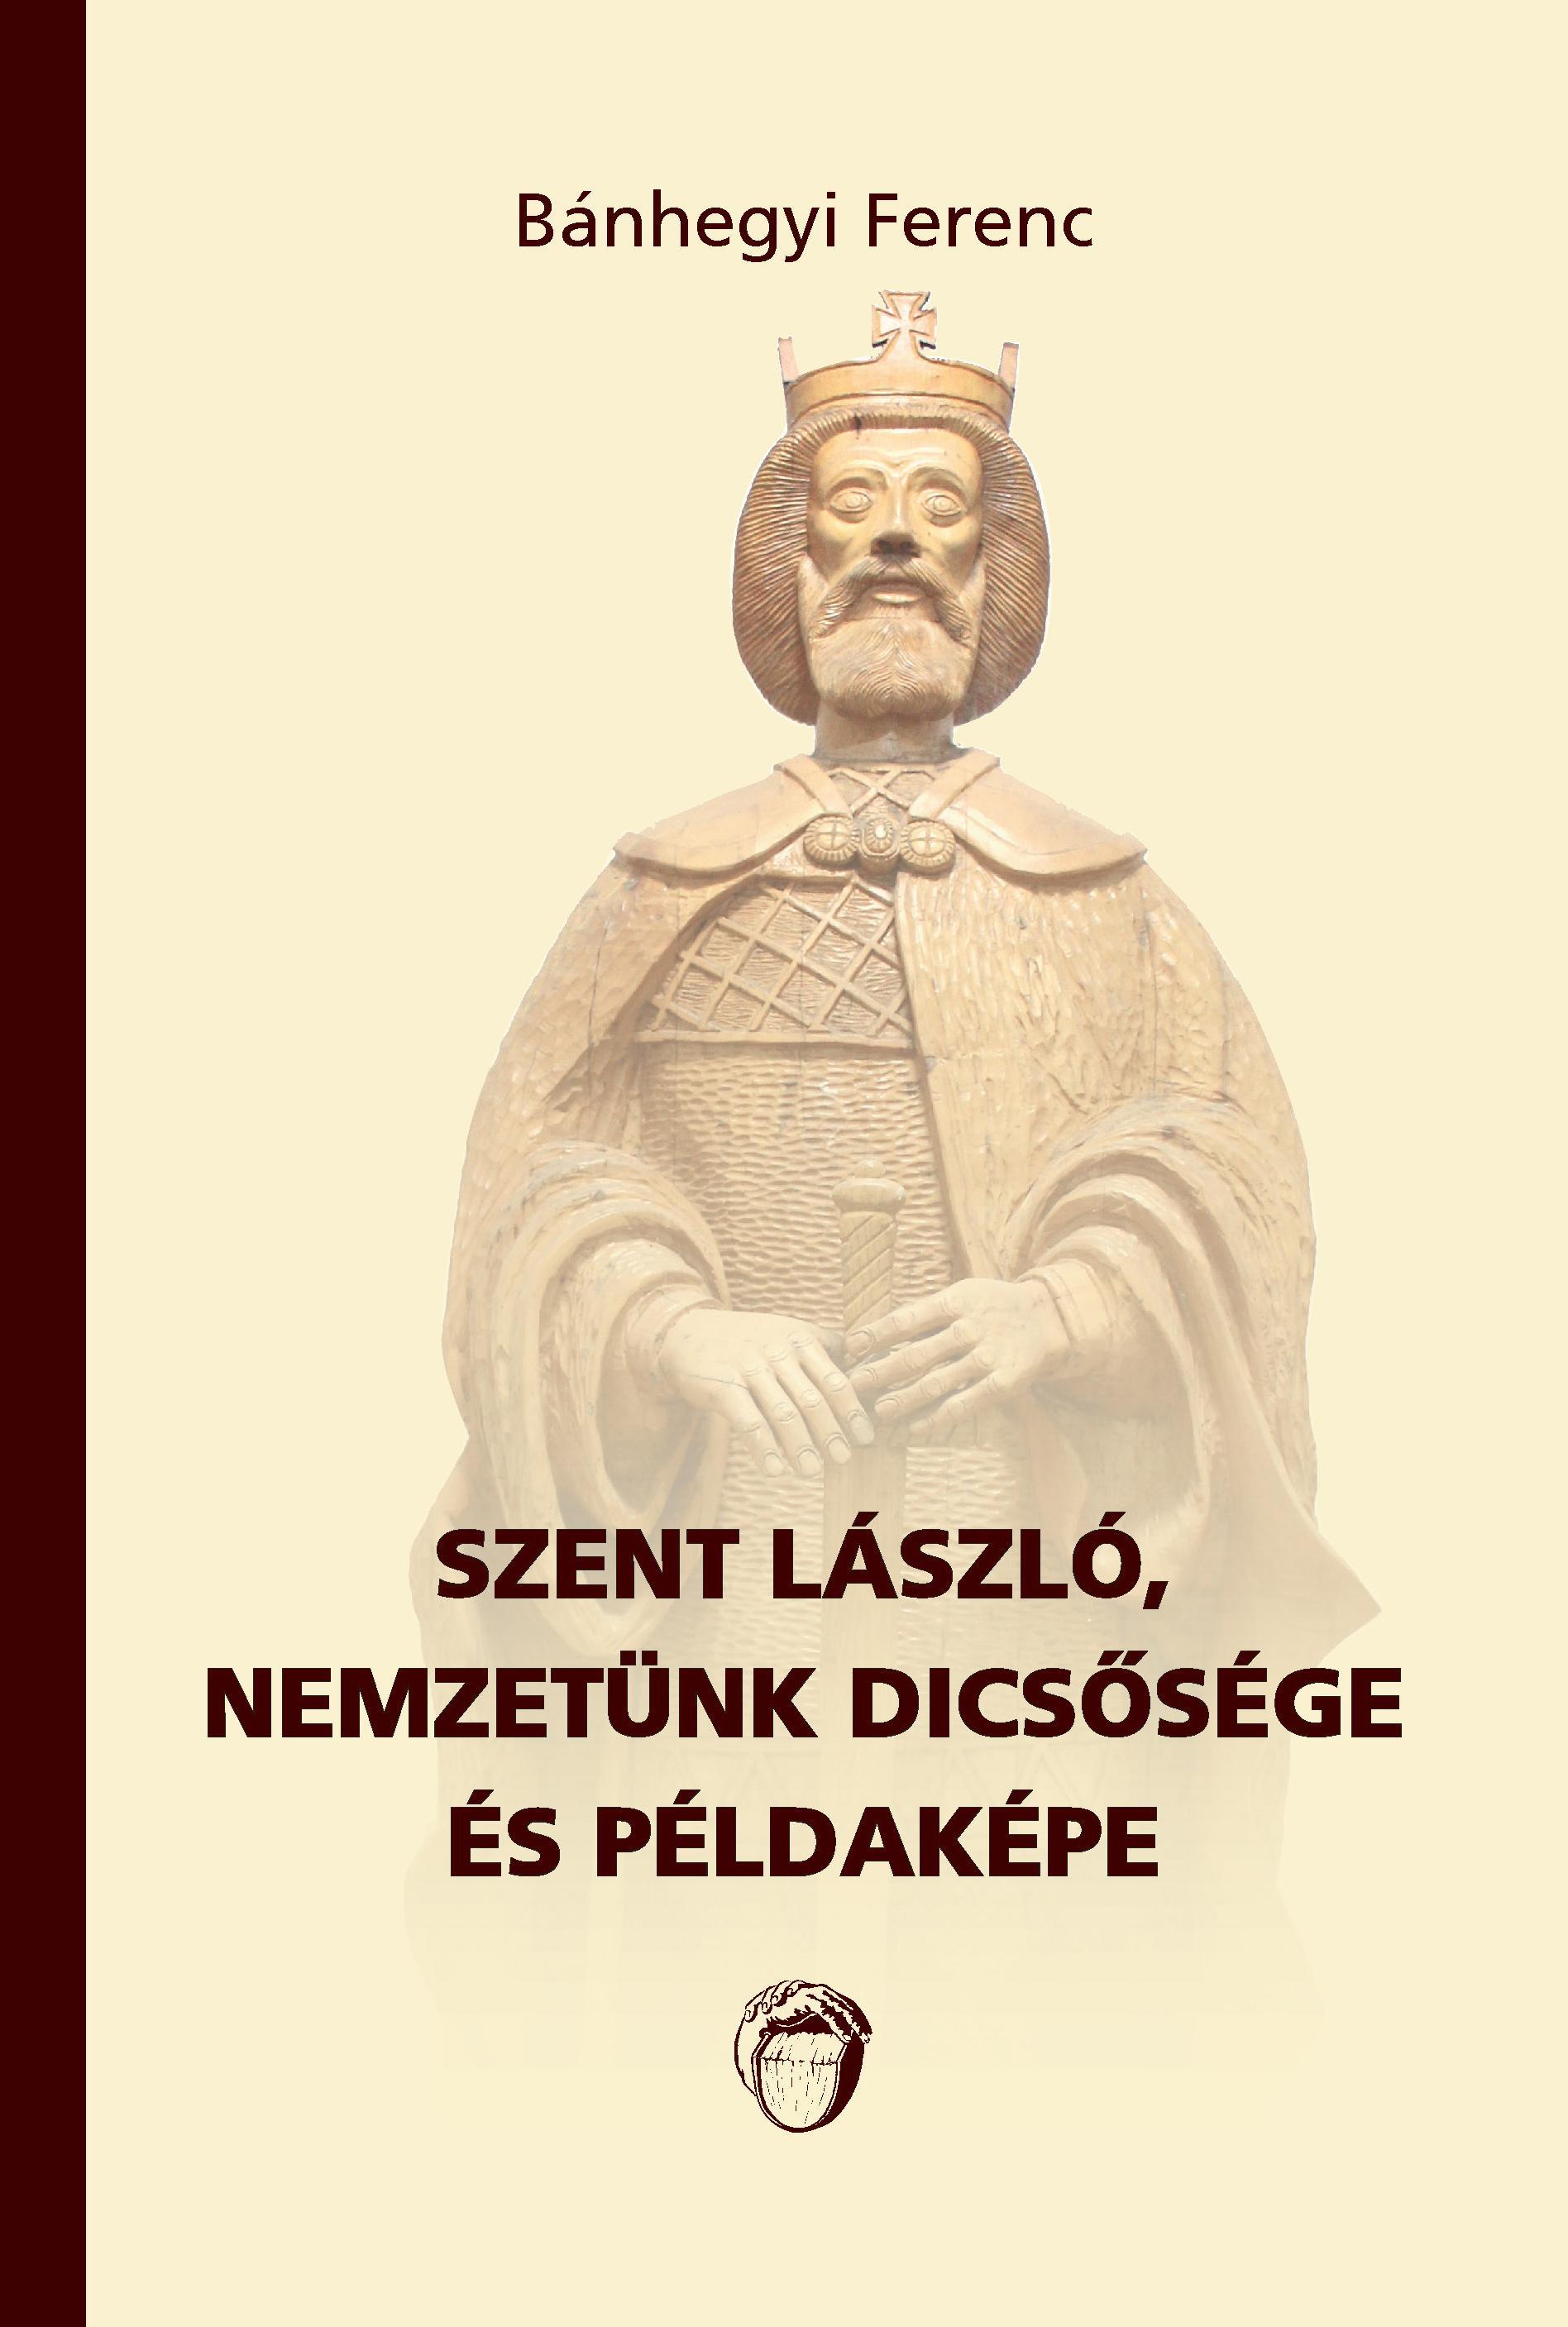 SZENT LÁSZLÓ, NEMZETÜNK DICSŐSÉGE ÉS PÉLDAKÉPE